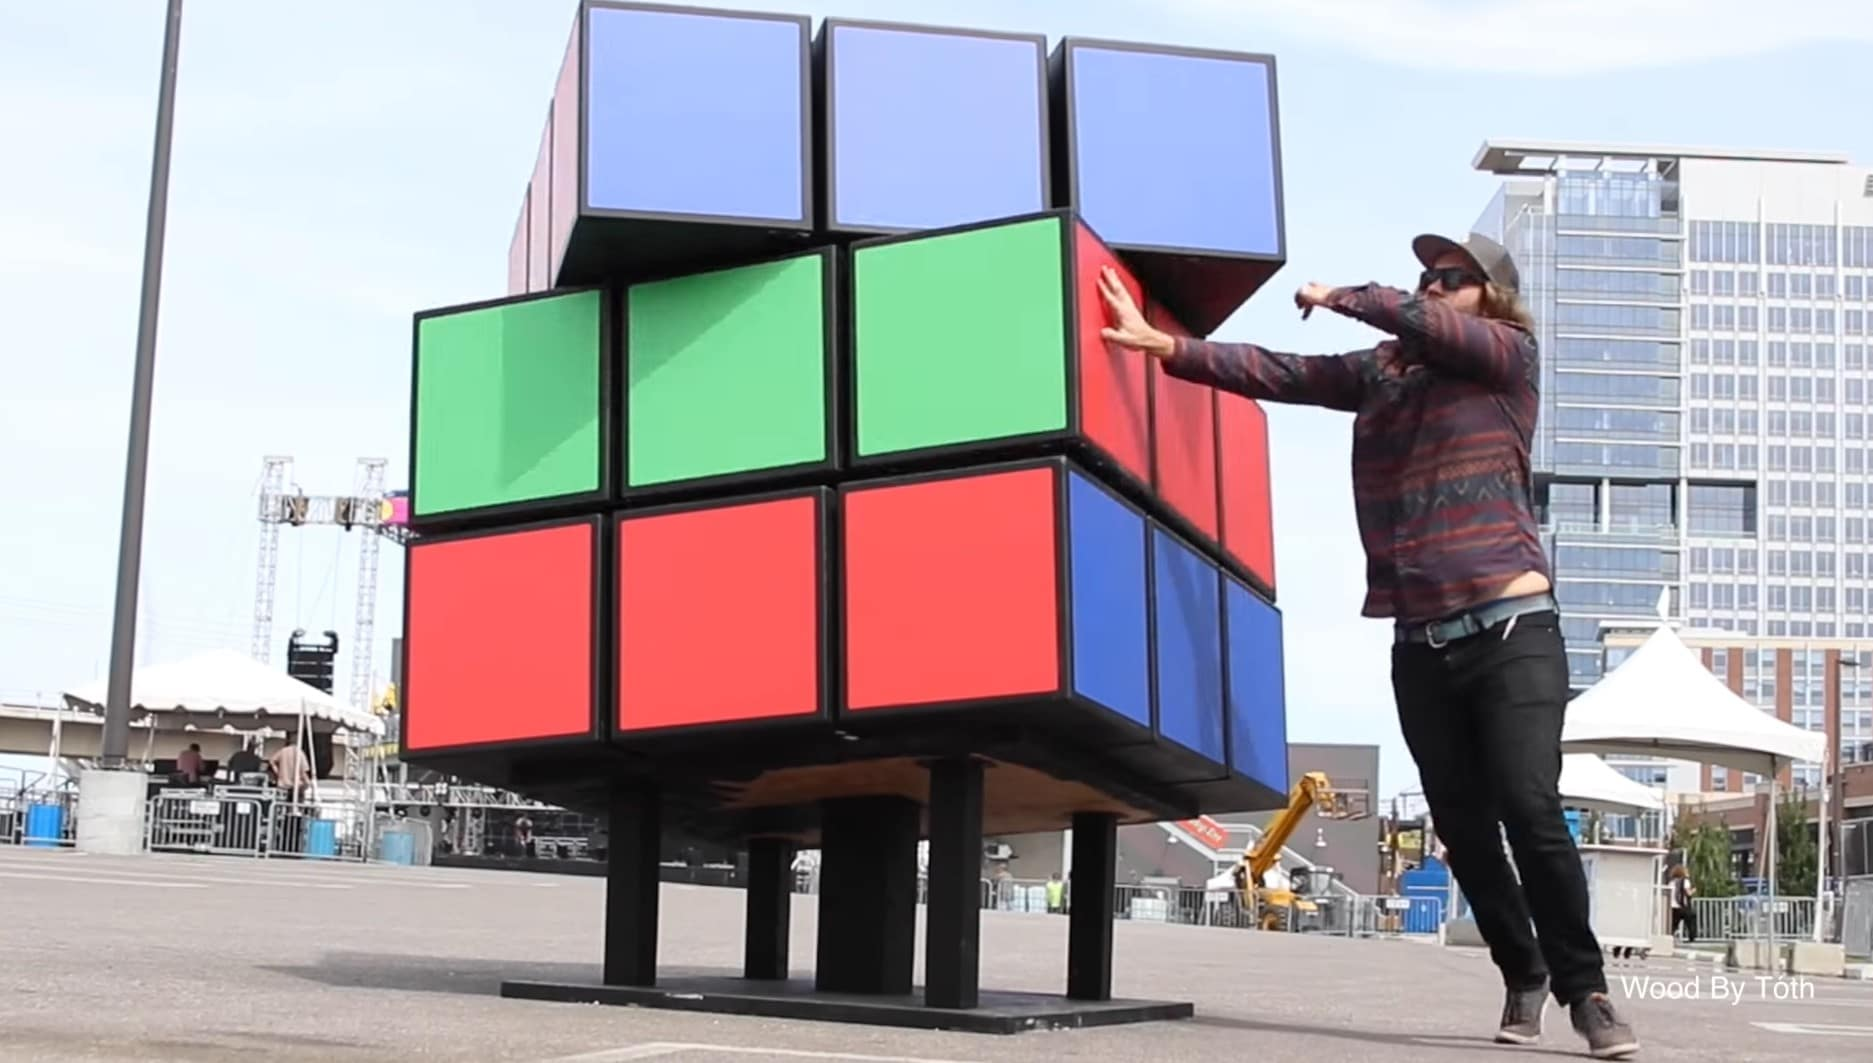 Rubik's Cube als Skulptur: Riesiger Zauberwürfel zum Spielen